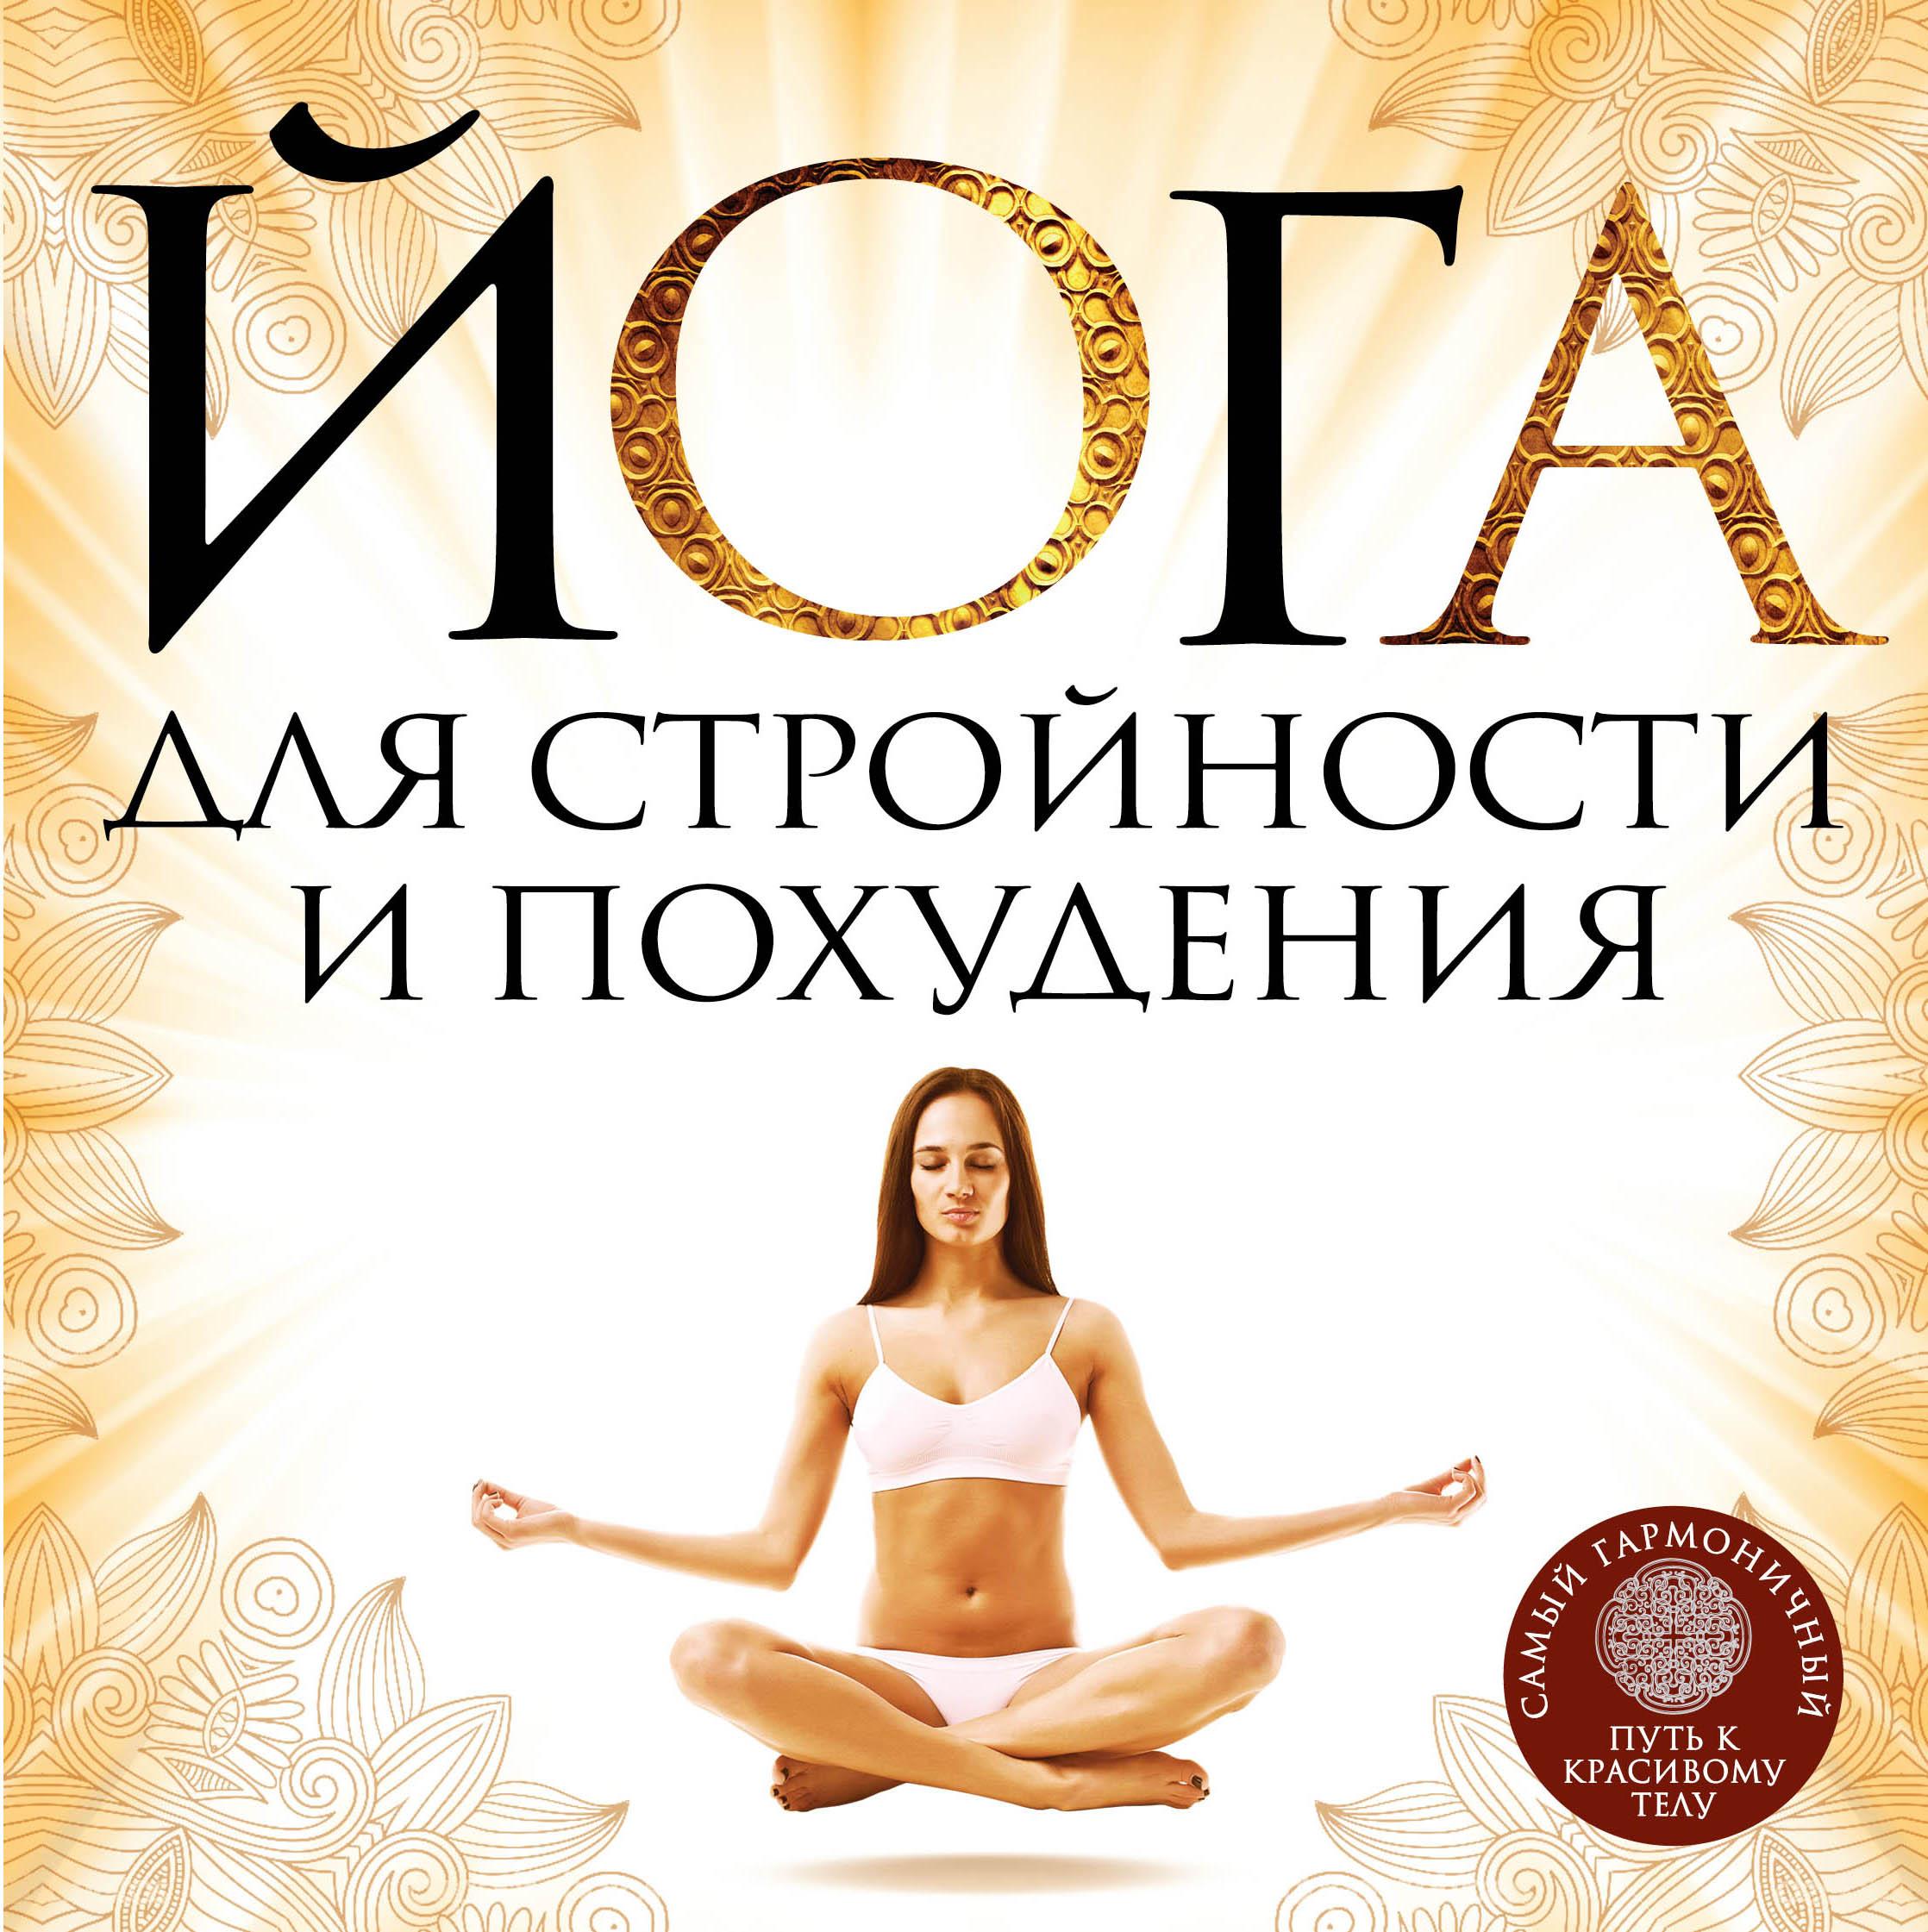 Йога для похудения картинках